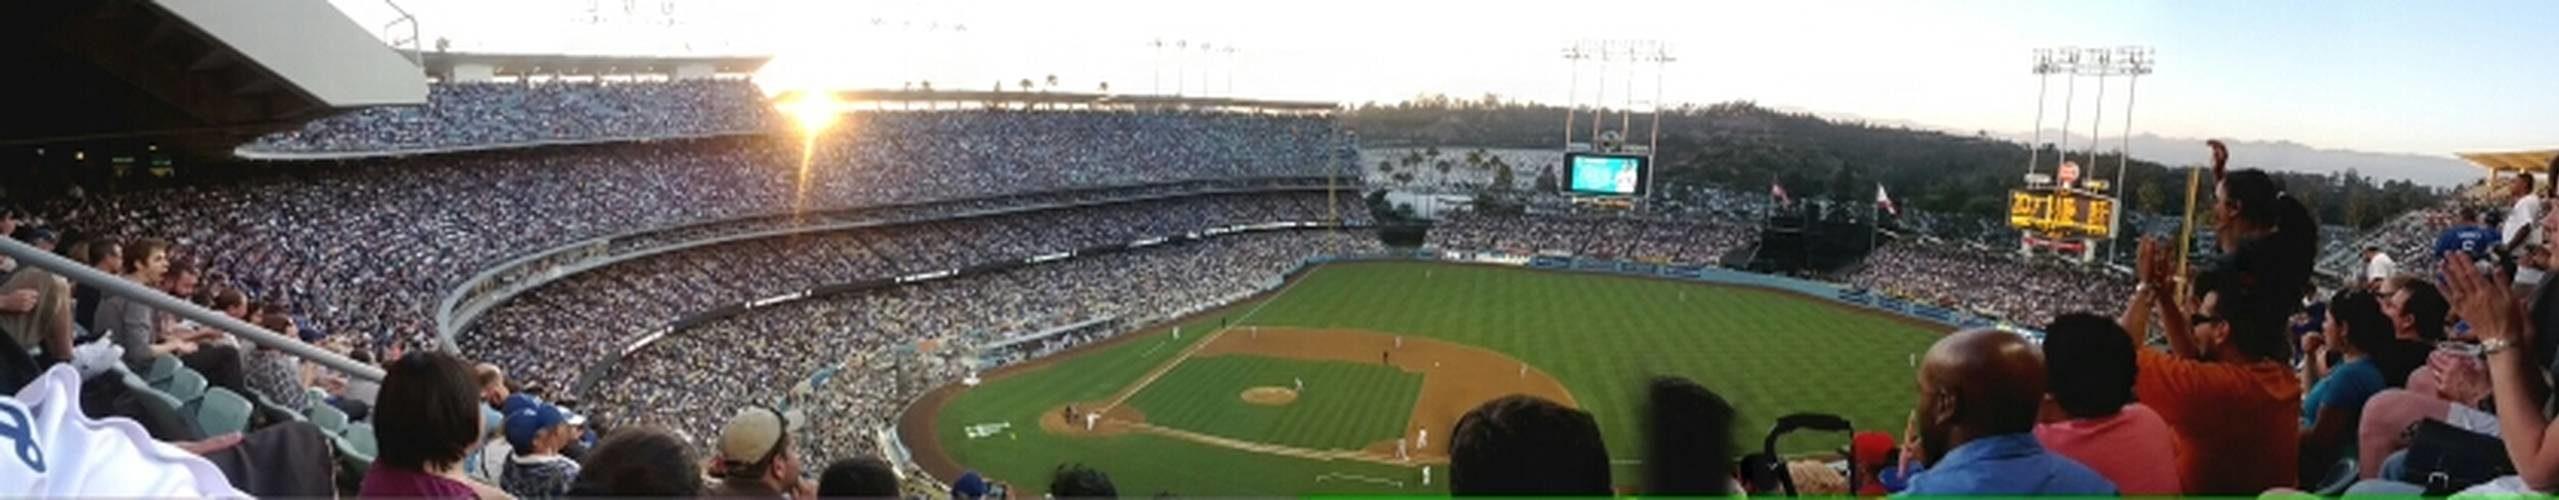 Перелеты на бейсбольные матчи и турниры